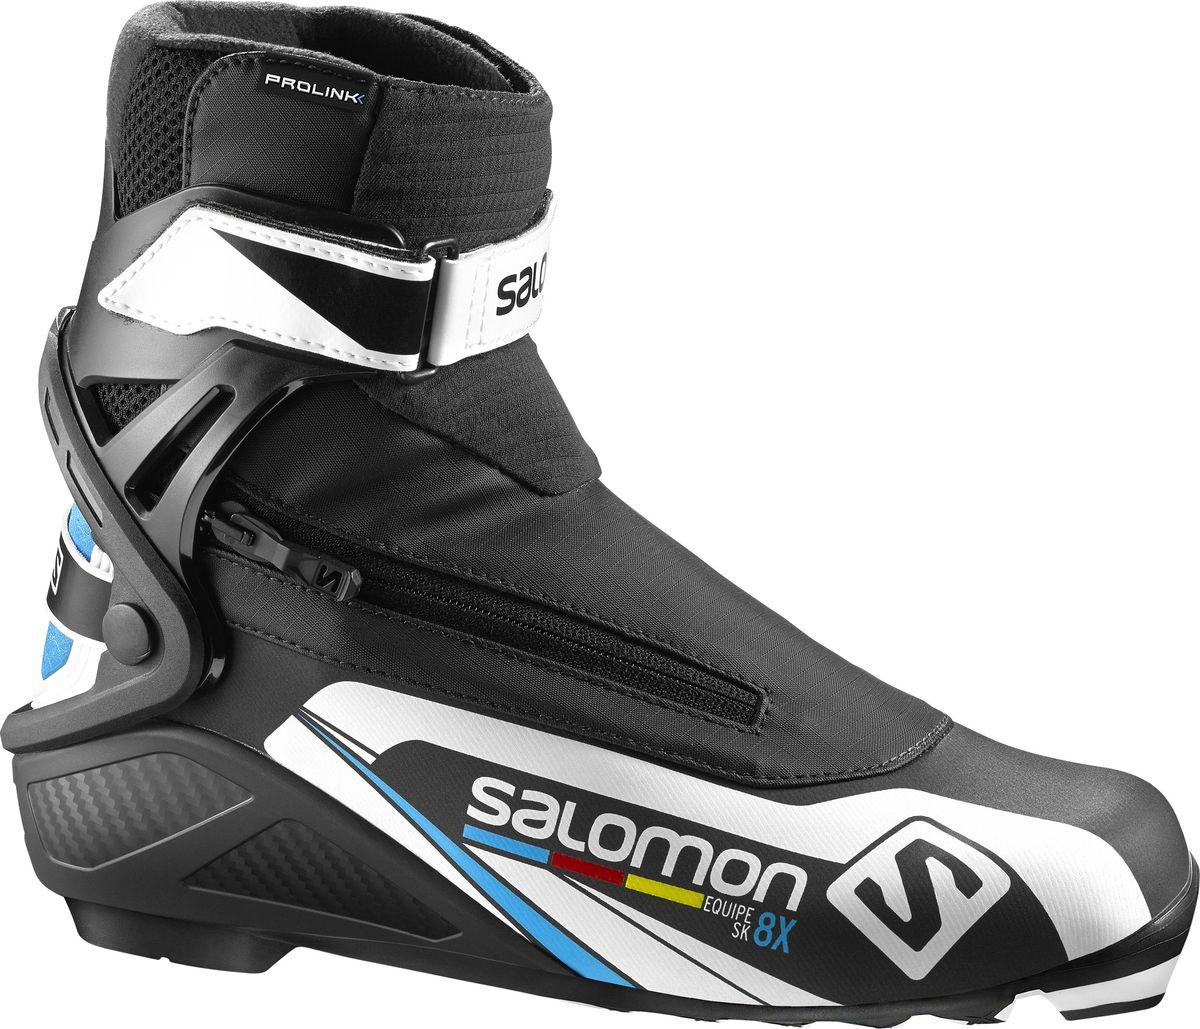 Ботинки для беговых лыж Salomon Equipe 8X Skate Prolink, цвет: черный. Размер 9 (42)L39417500В ботинках Equipe 8X Skate совмещены системы термоформовки Custom fit с инновационной раздельной системой быстрого шнурования для великолепного комфорта. Манжета Energyzer cuff обеспечит мощную и прогрессивную боковую поддержку. Для любителей лыжного спорта, ценящих рабочие характеристики и желающих приобрести ботинки по доступной цене.